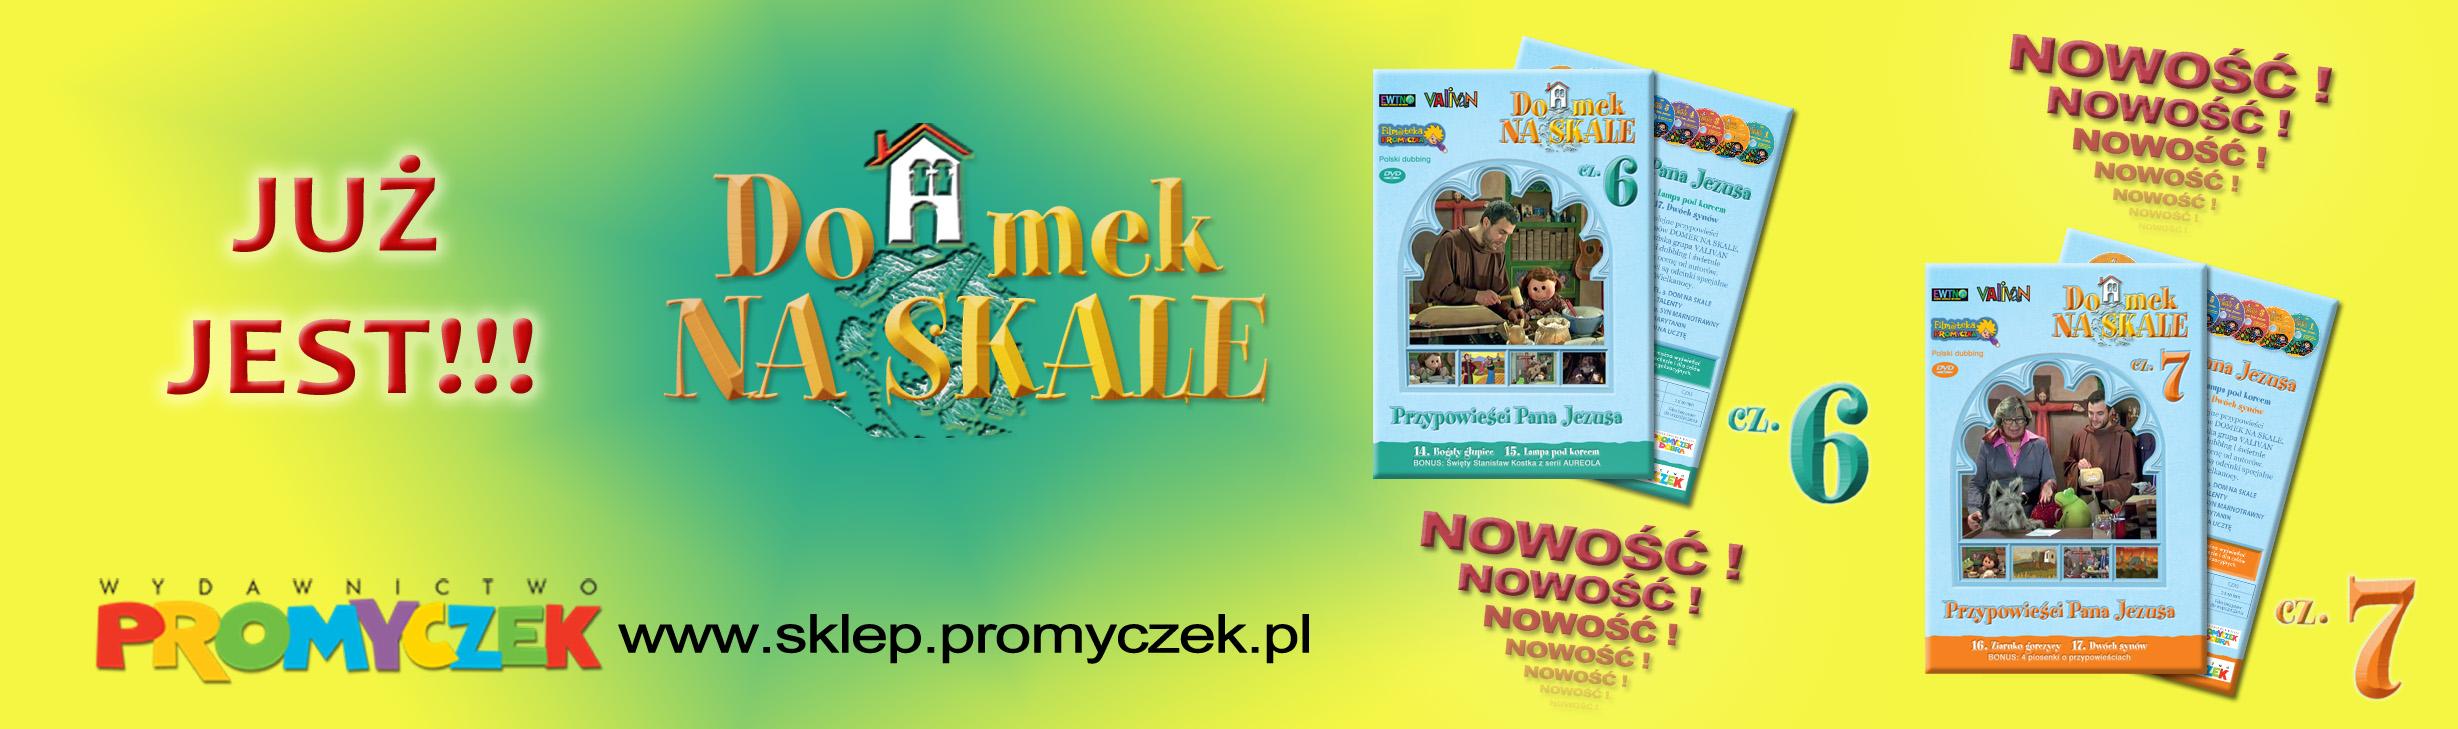 DOMEK_cz6_cz7